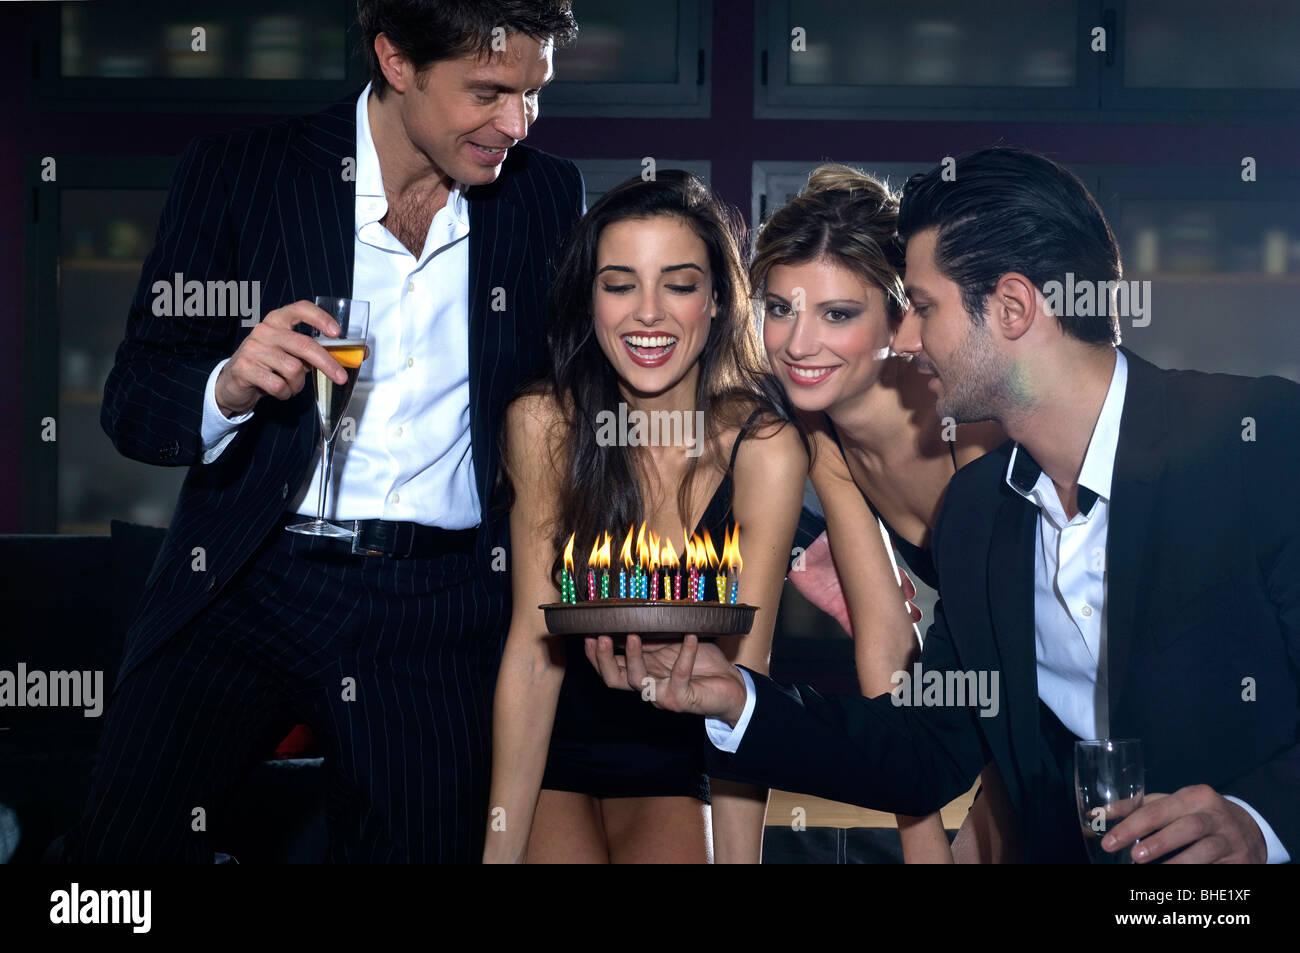 Junge Frauen Und Manner Feiert Geburtstag Stockfoto Bild 27968375